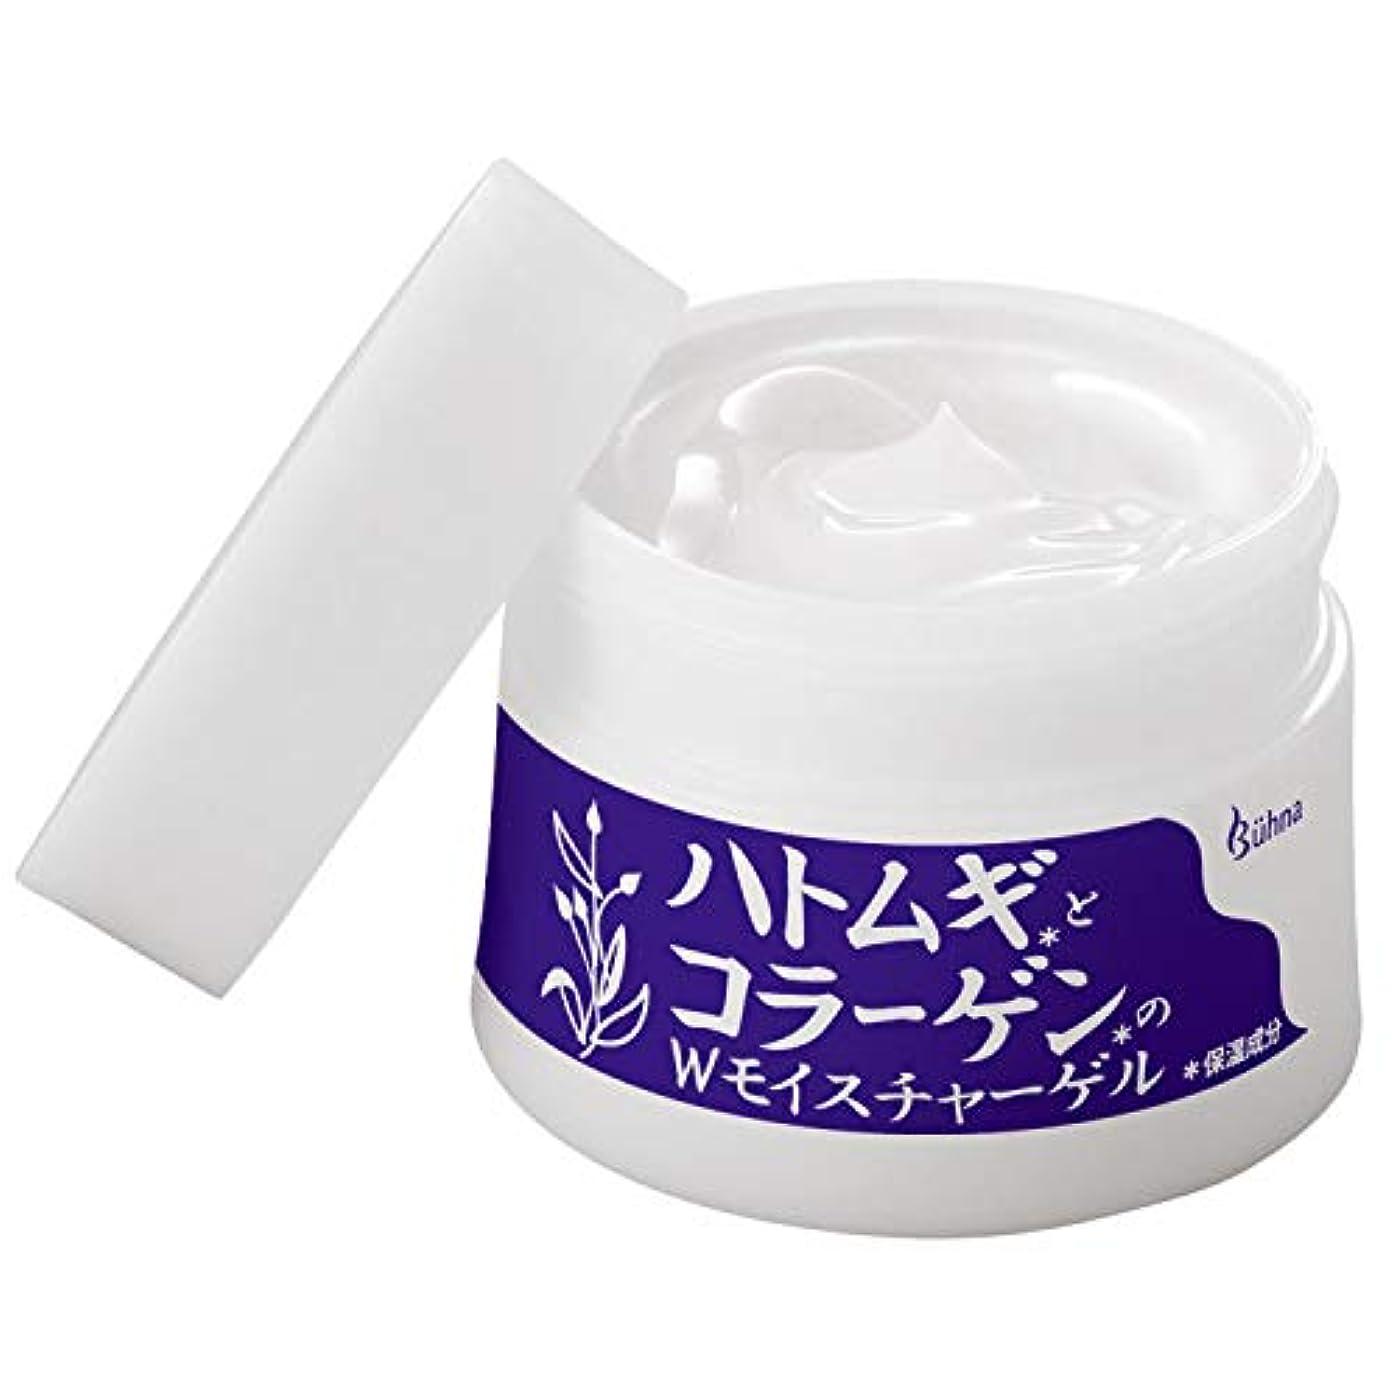 ティーンエイジャークリア測定可能ビューナ ハトムギとコラーゲンのWモイスチャーゲル150g 保湿 オールインワン 美容液 化粧水 乳液